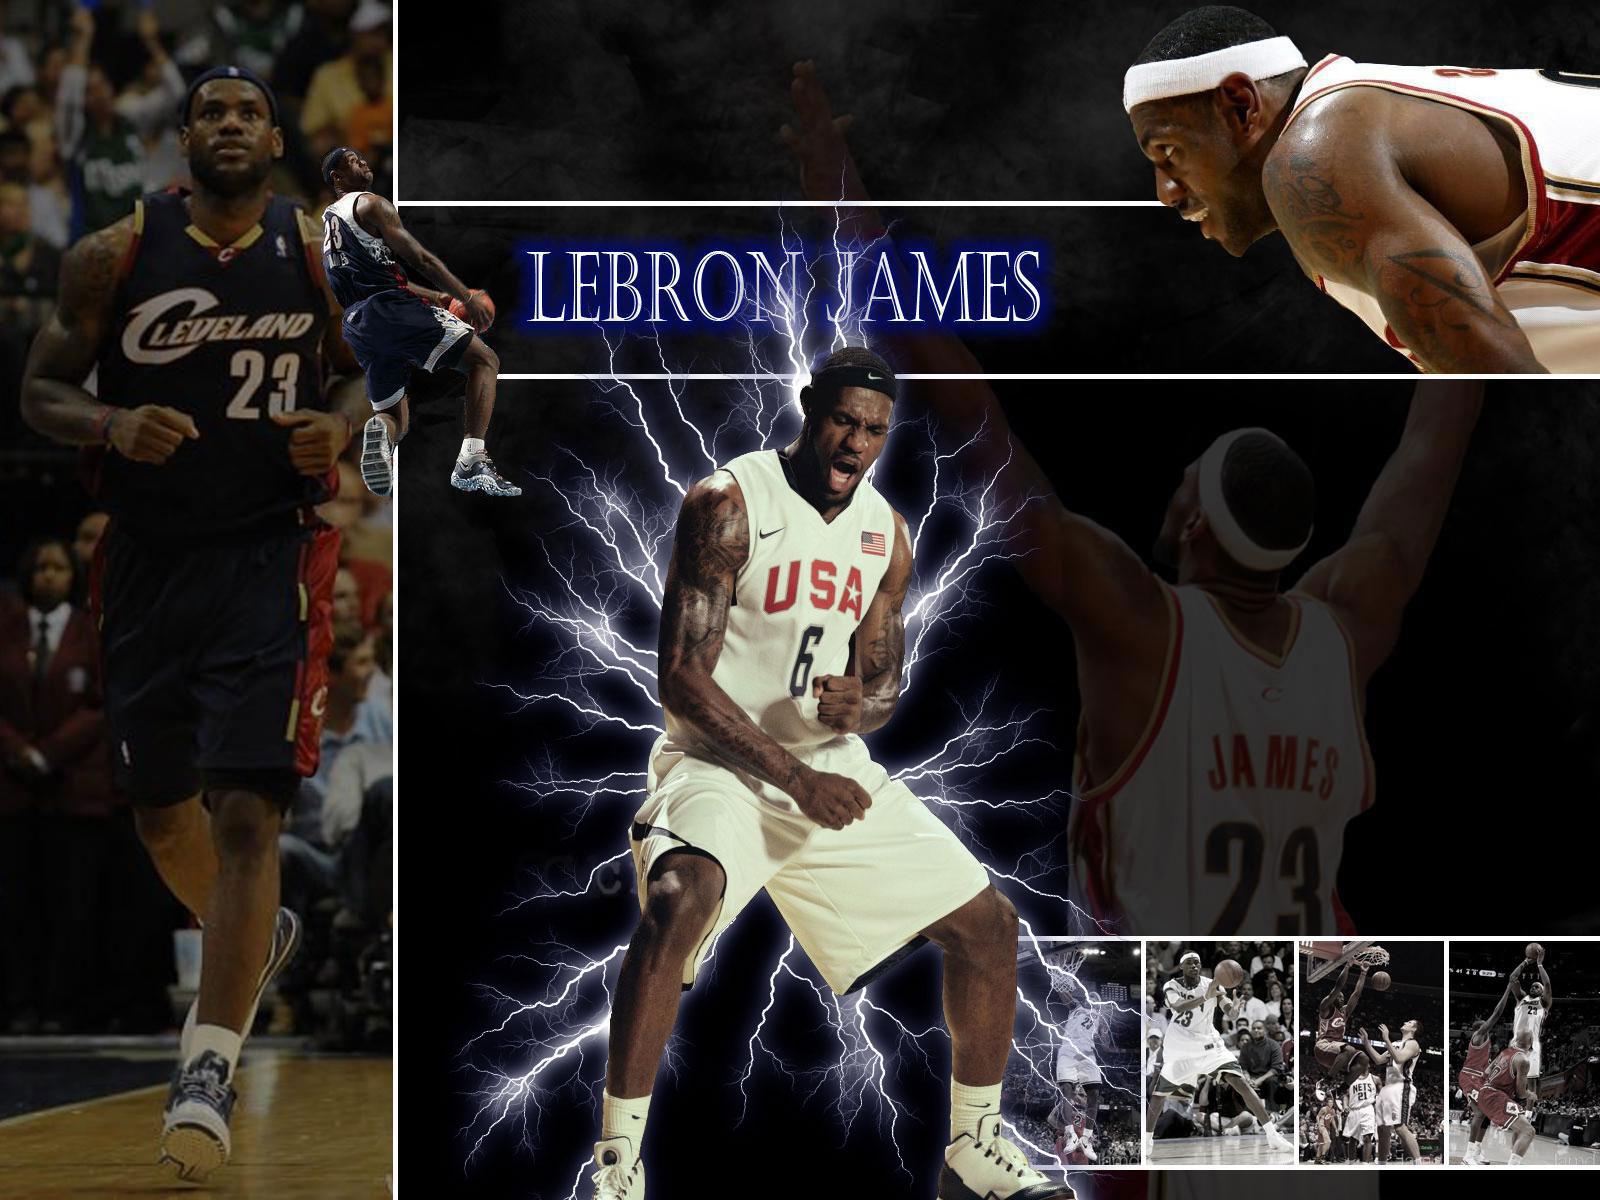 Lebron James Wallpaper Nike Lebron james wallpaper 1600x1200